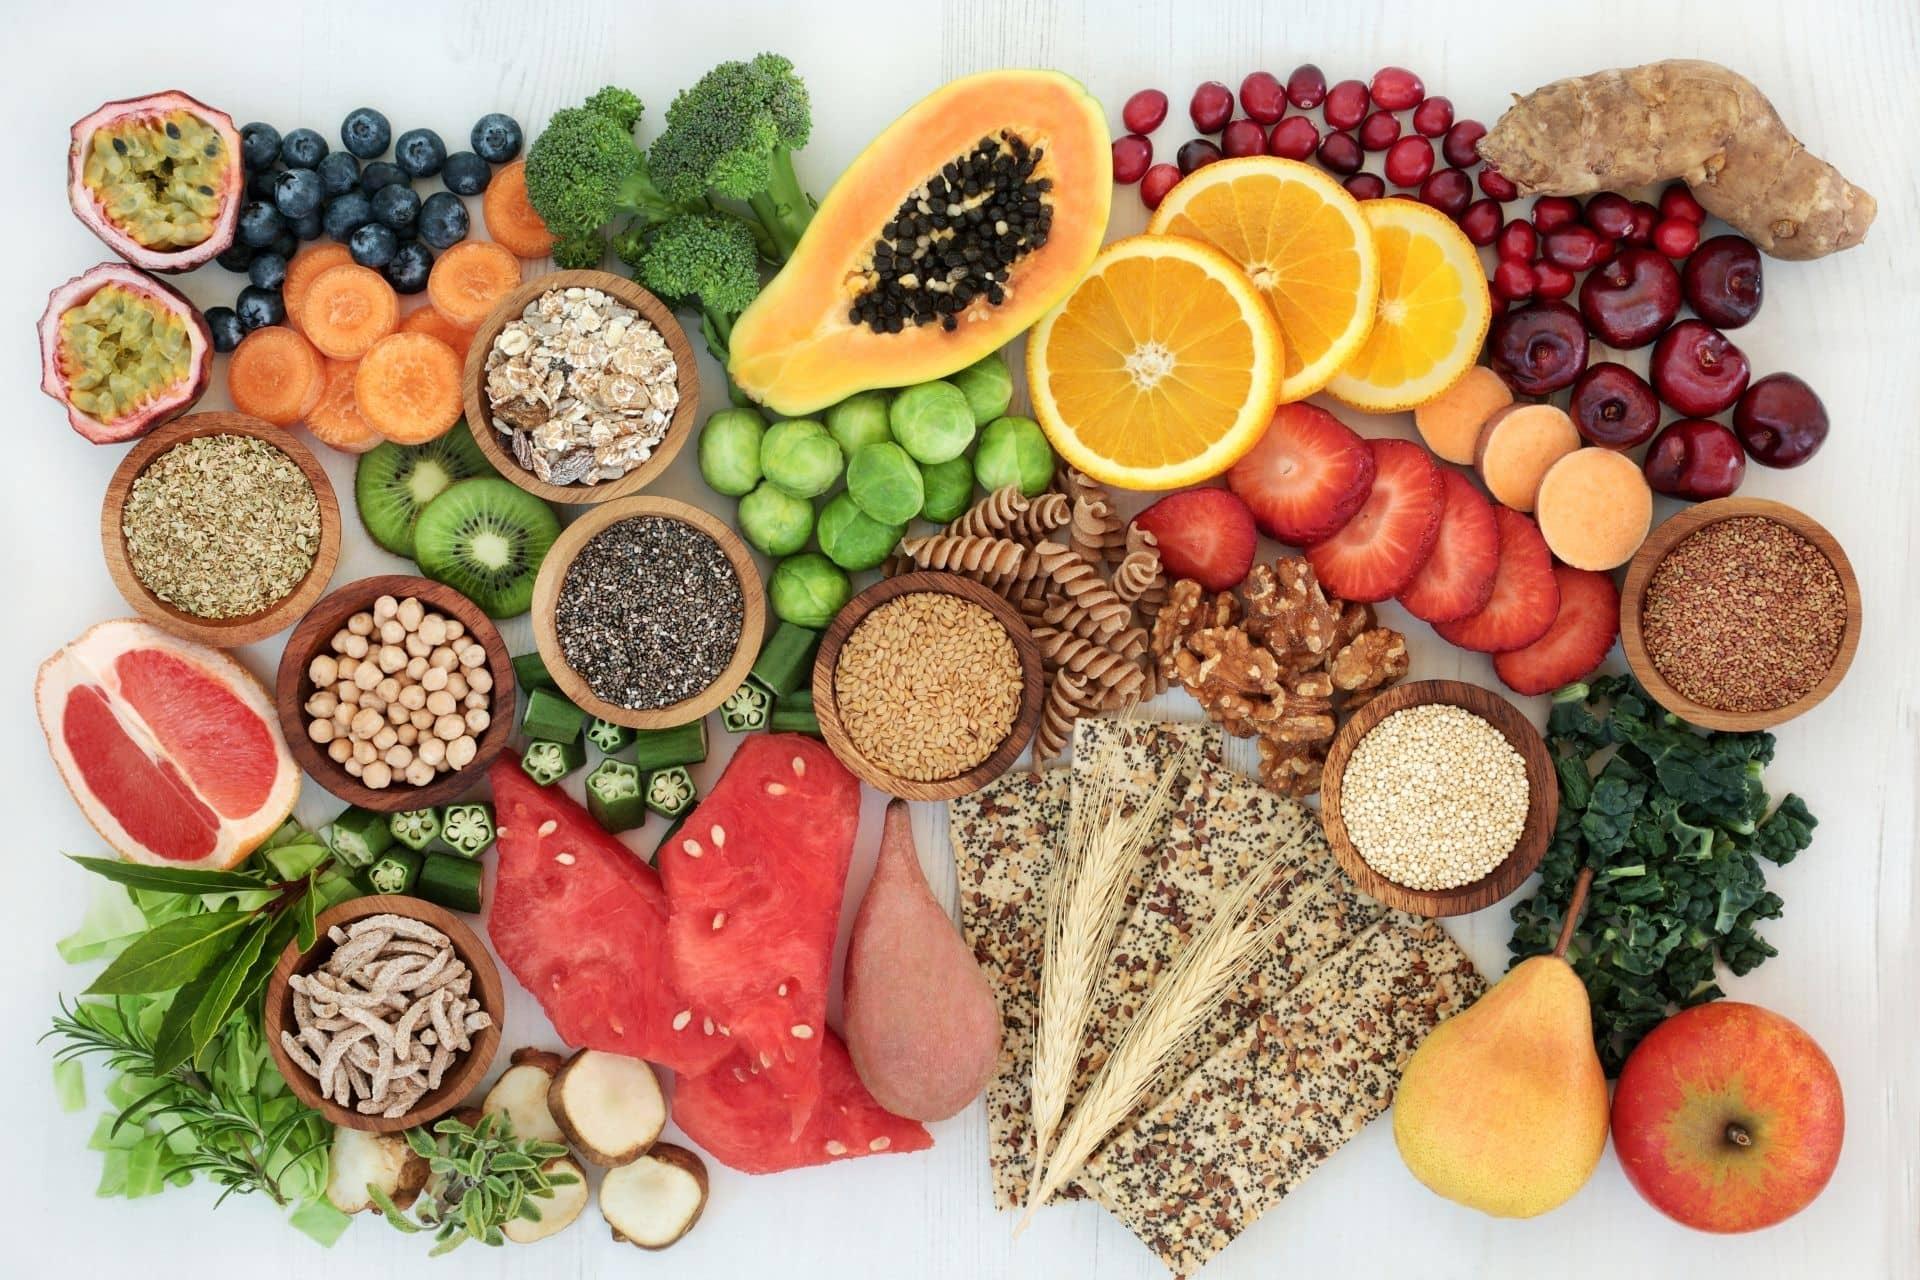 Alimentation riche en fibres alimentaires pour le microbiote intestinal Nahibu